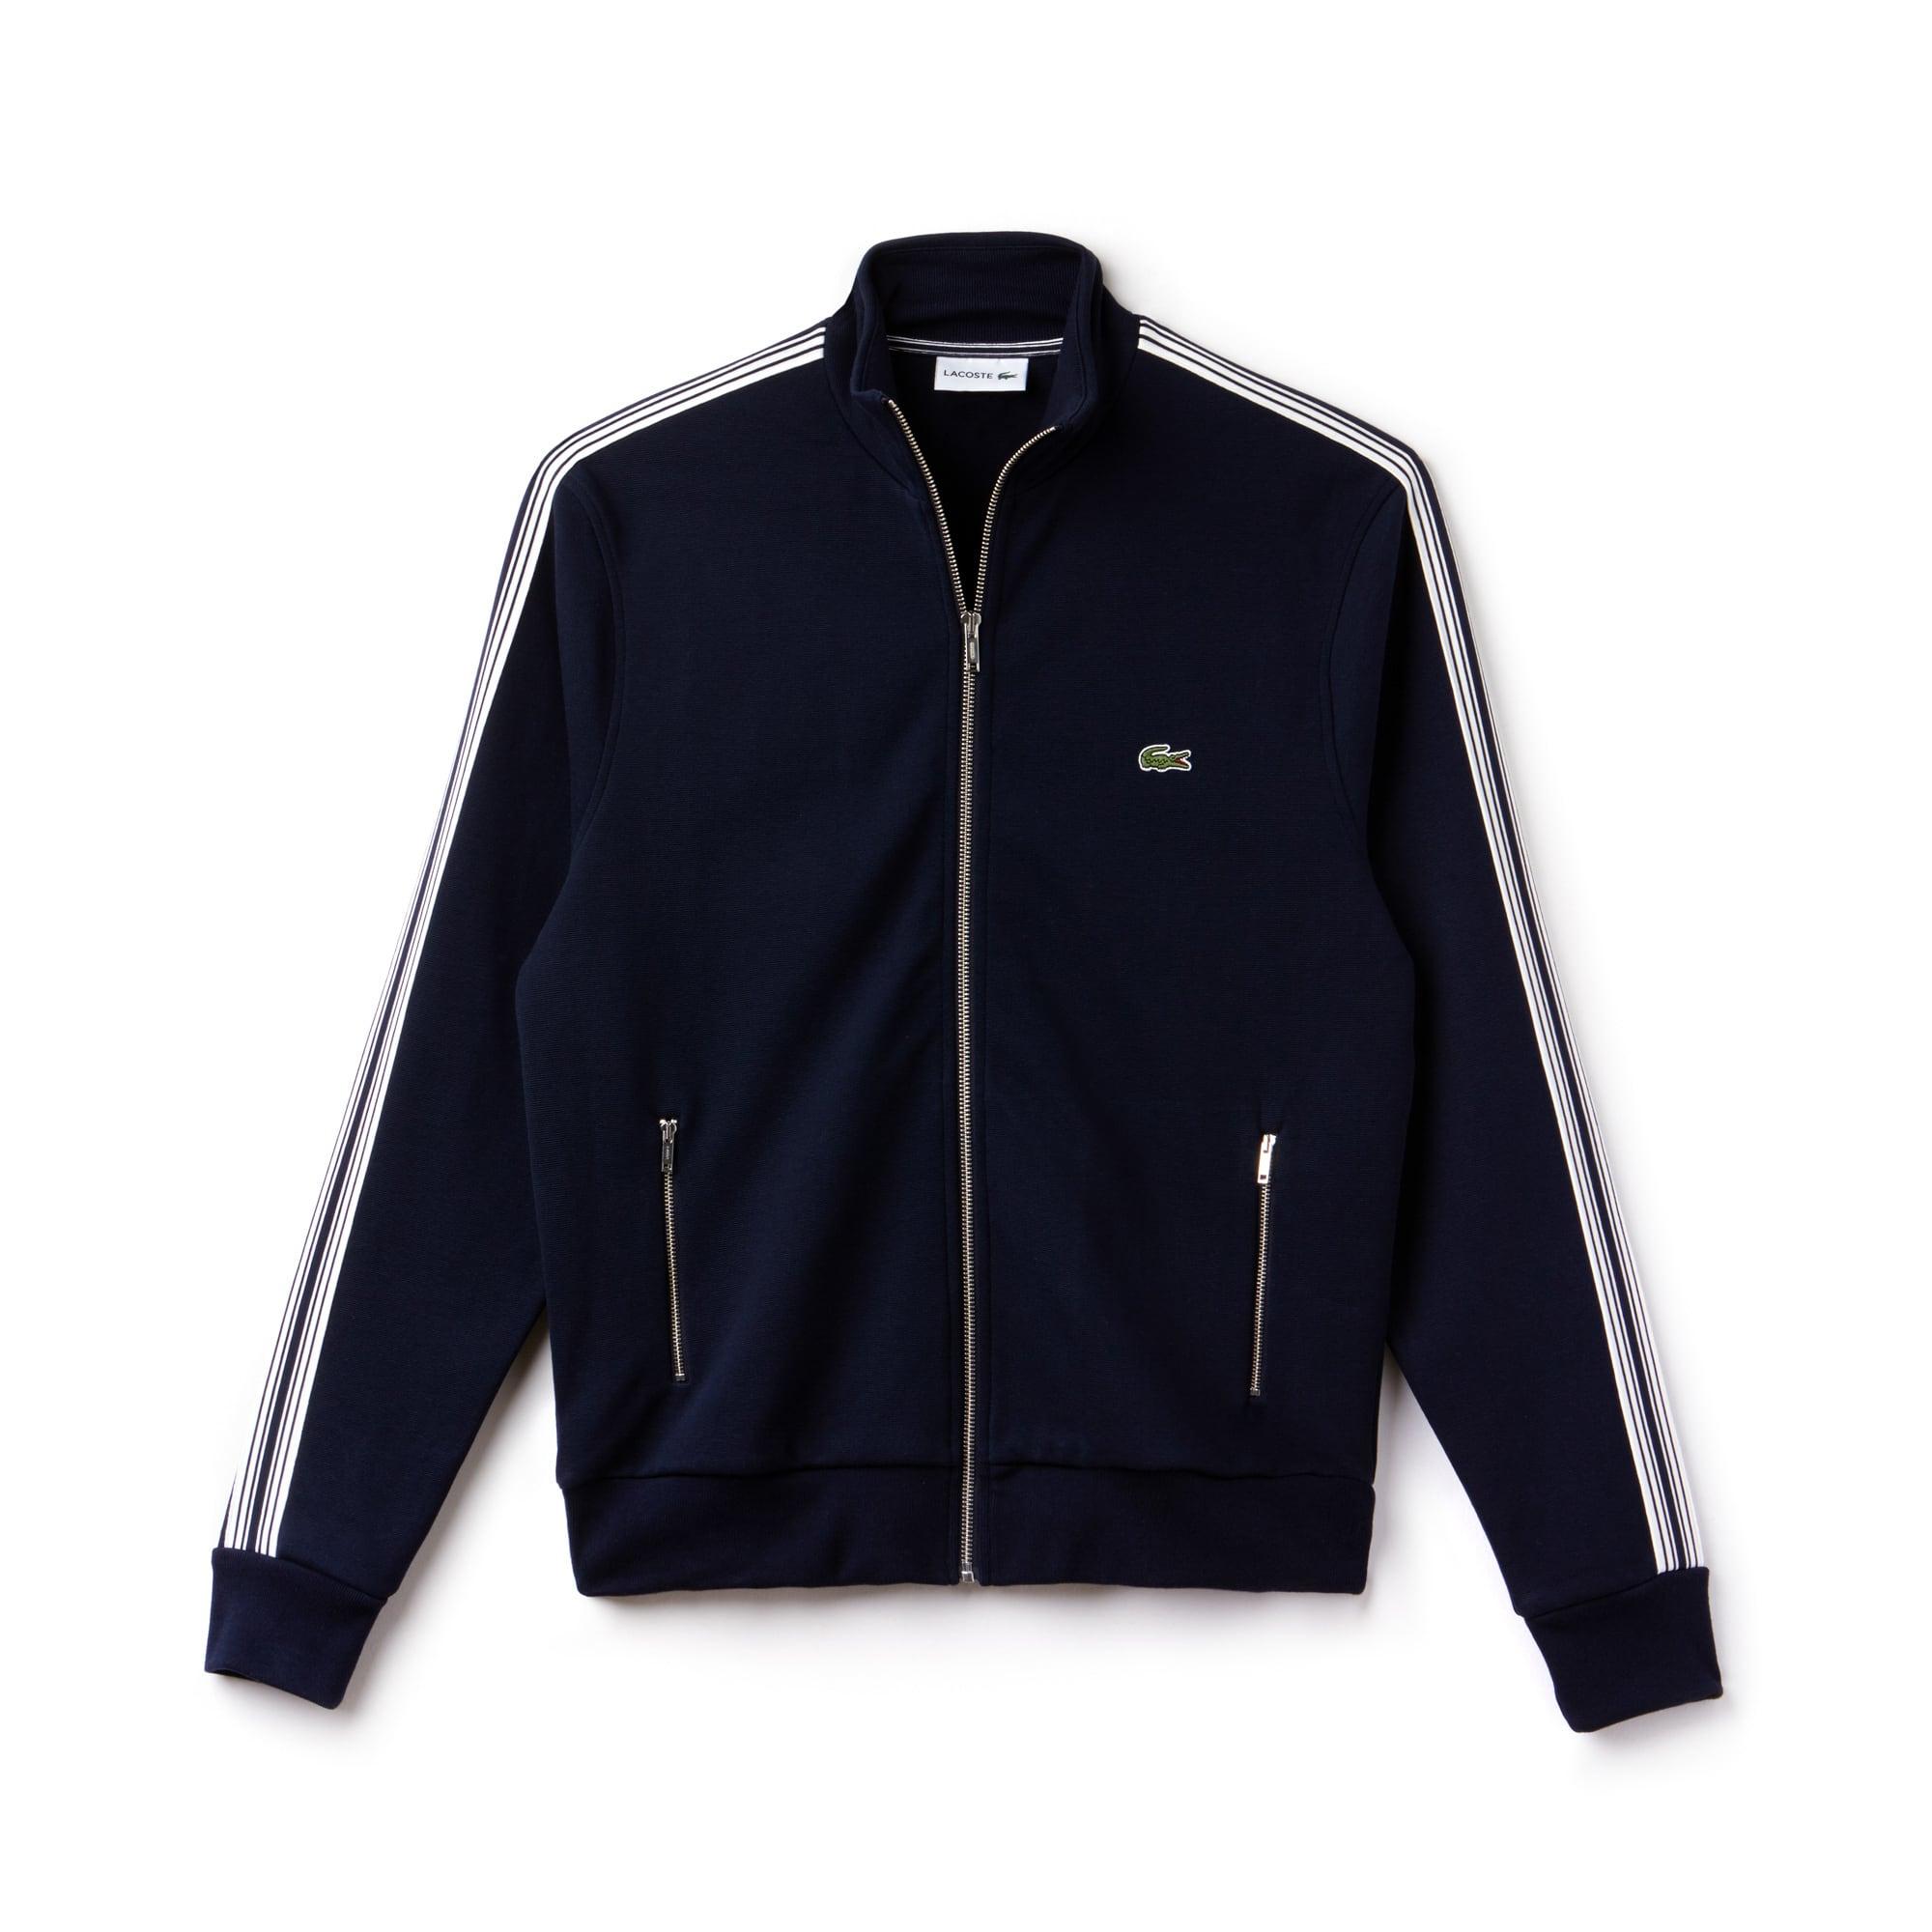 Sweatshirt com fecho de correr em algodão milano com faixas a contrastar